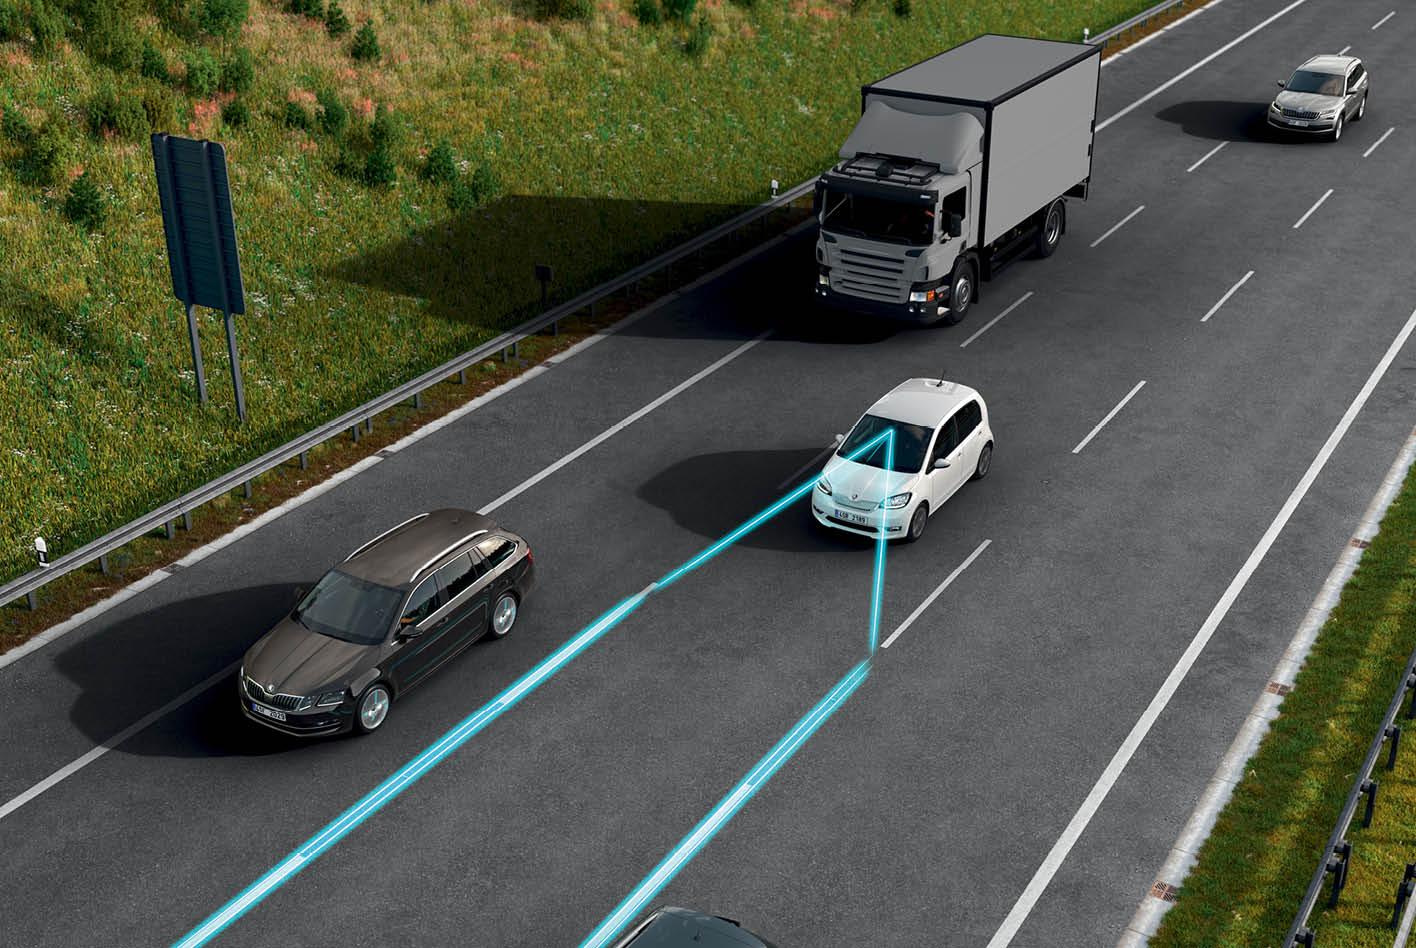 Beim Spurhalteassistenten erfassen Kameras oder Sensoren die Fahrspur vor dem Fahrzeug.